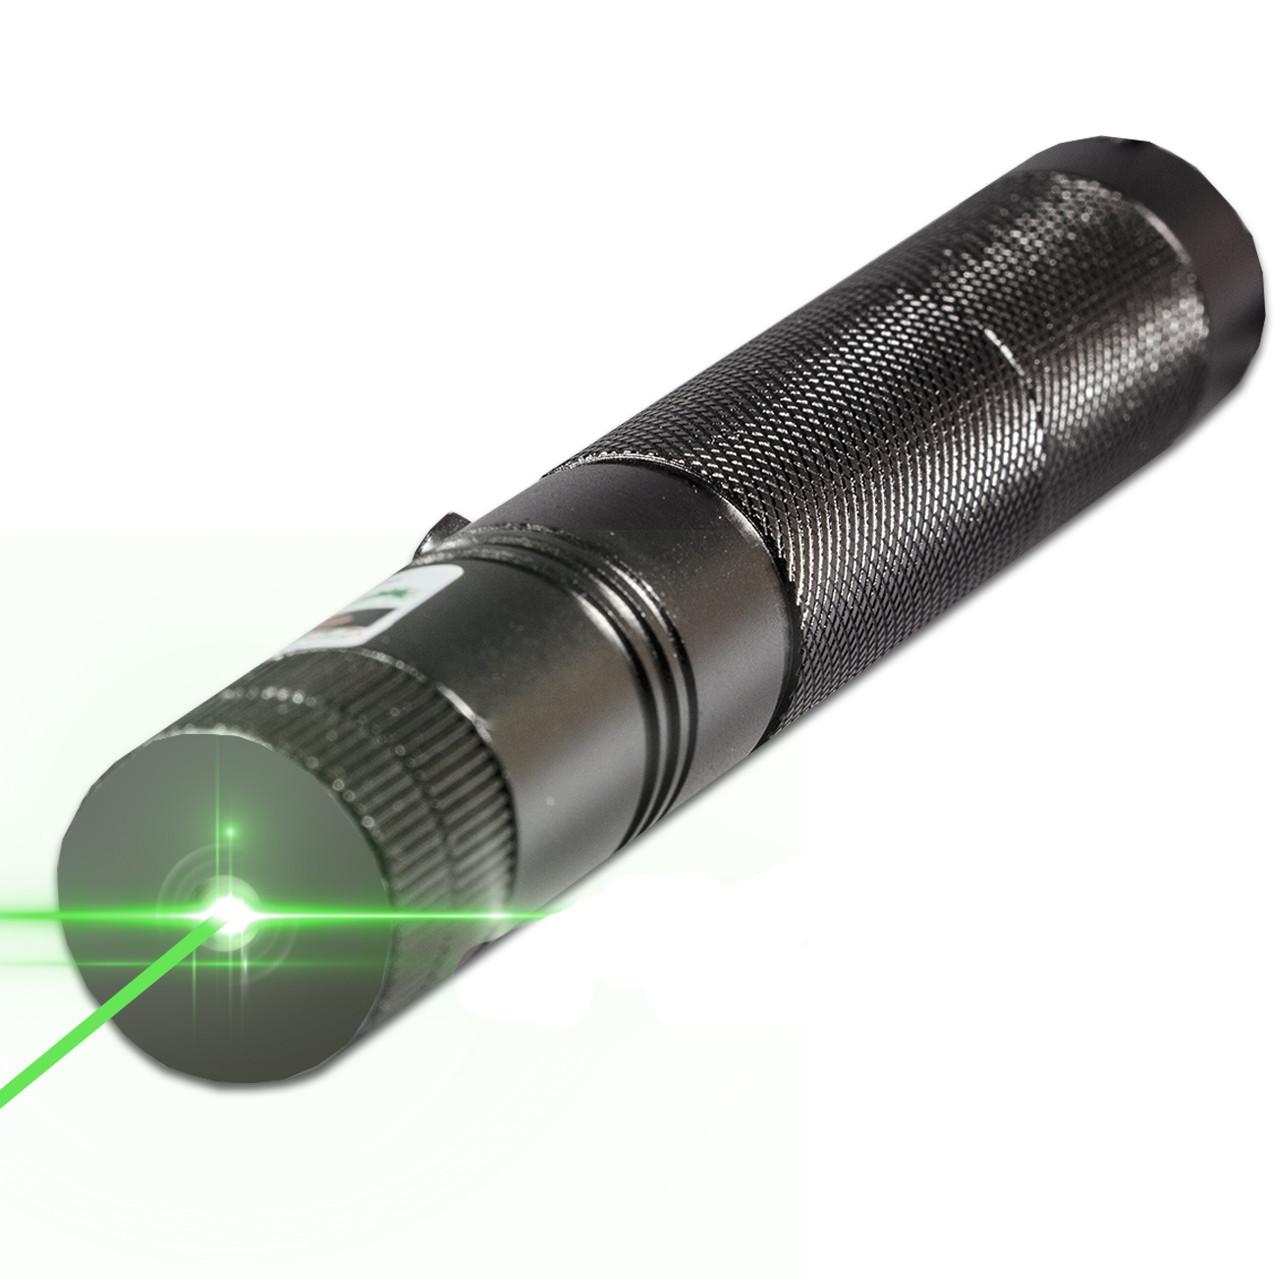 Лазерная указка Lomon 303 для подачи сигналов на большие расстояния